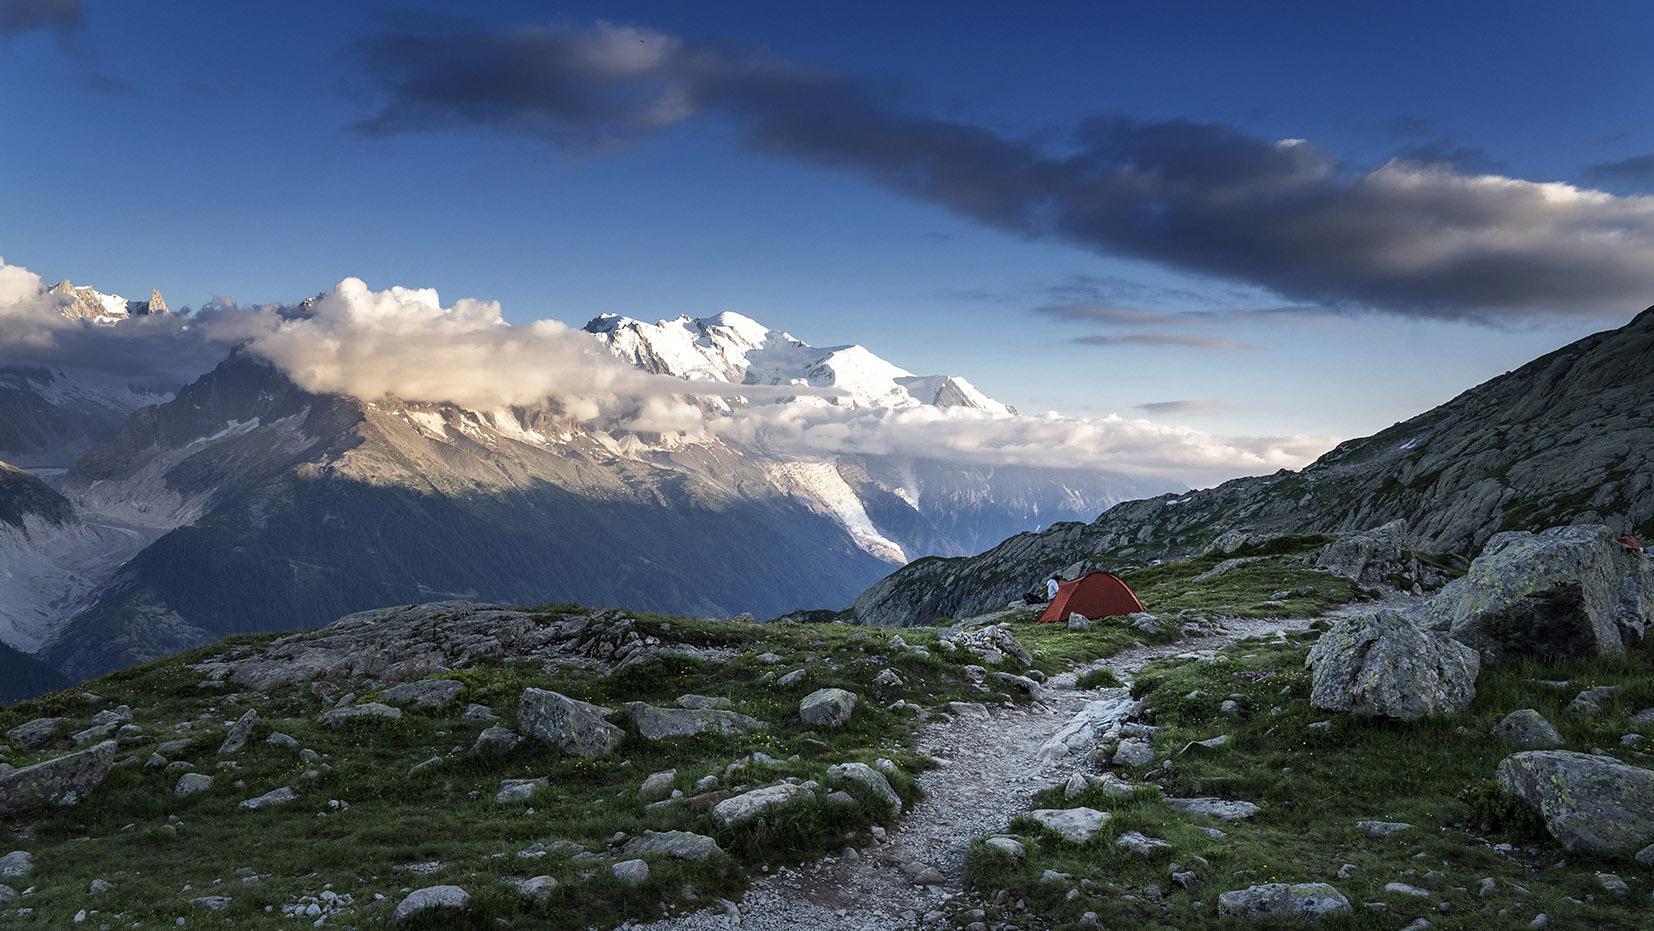 bivouac lac Cheserys massif Mont Blanc neige ciel bleu